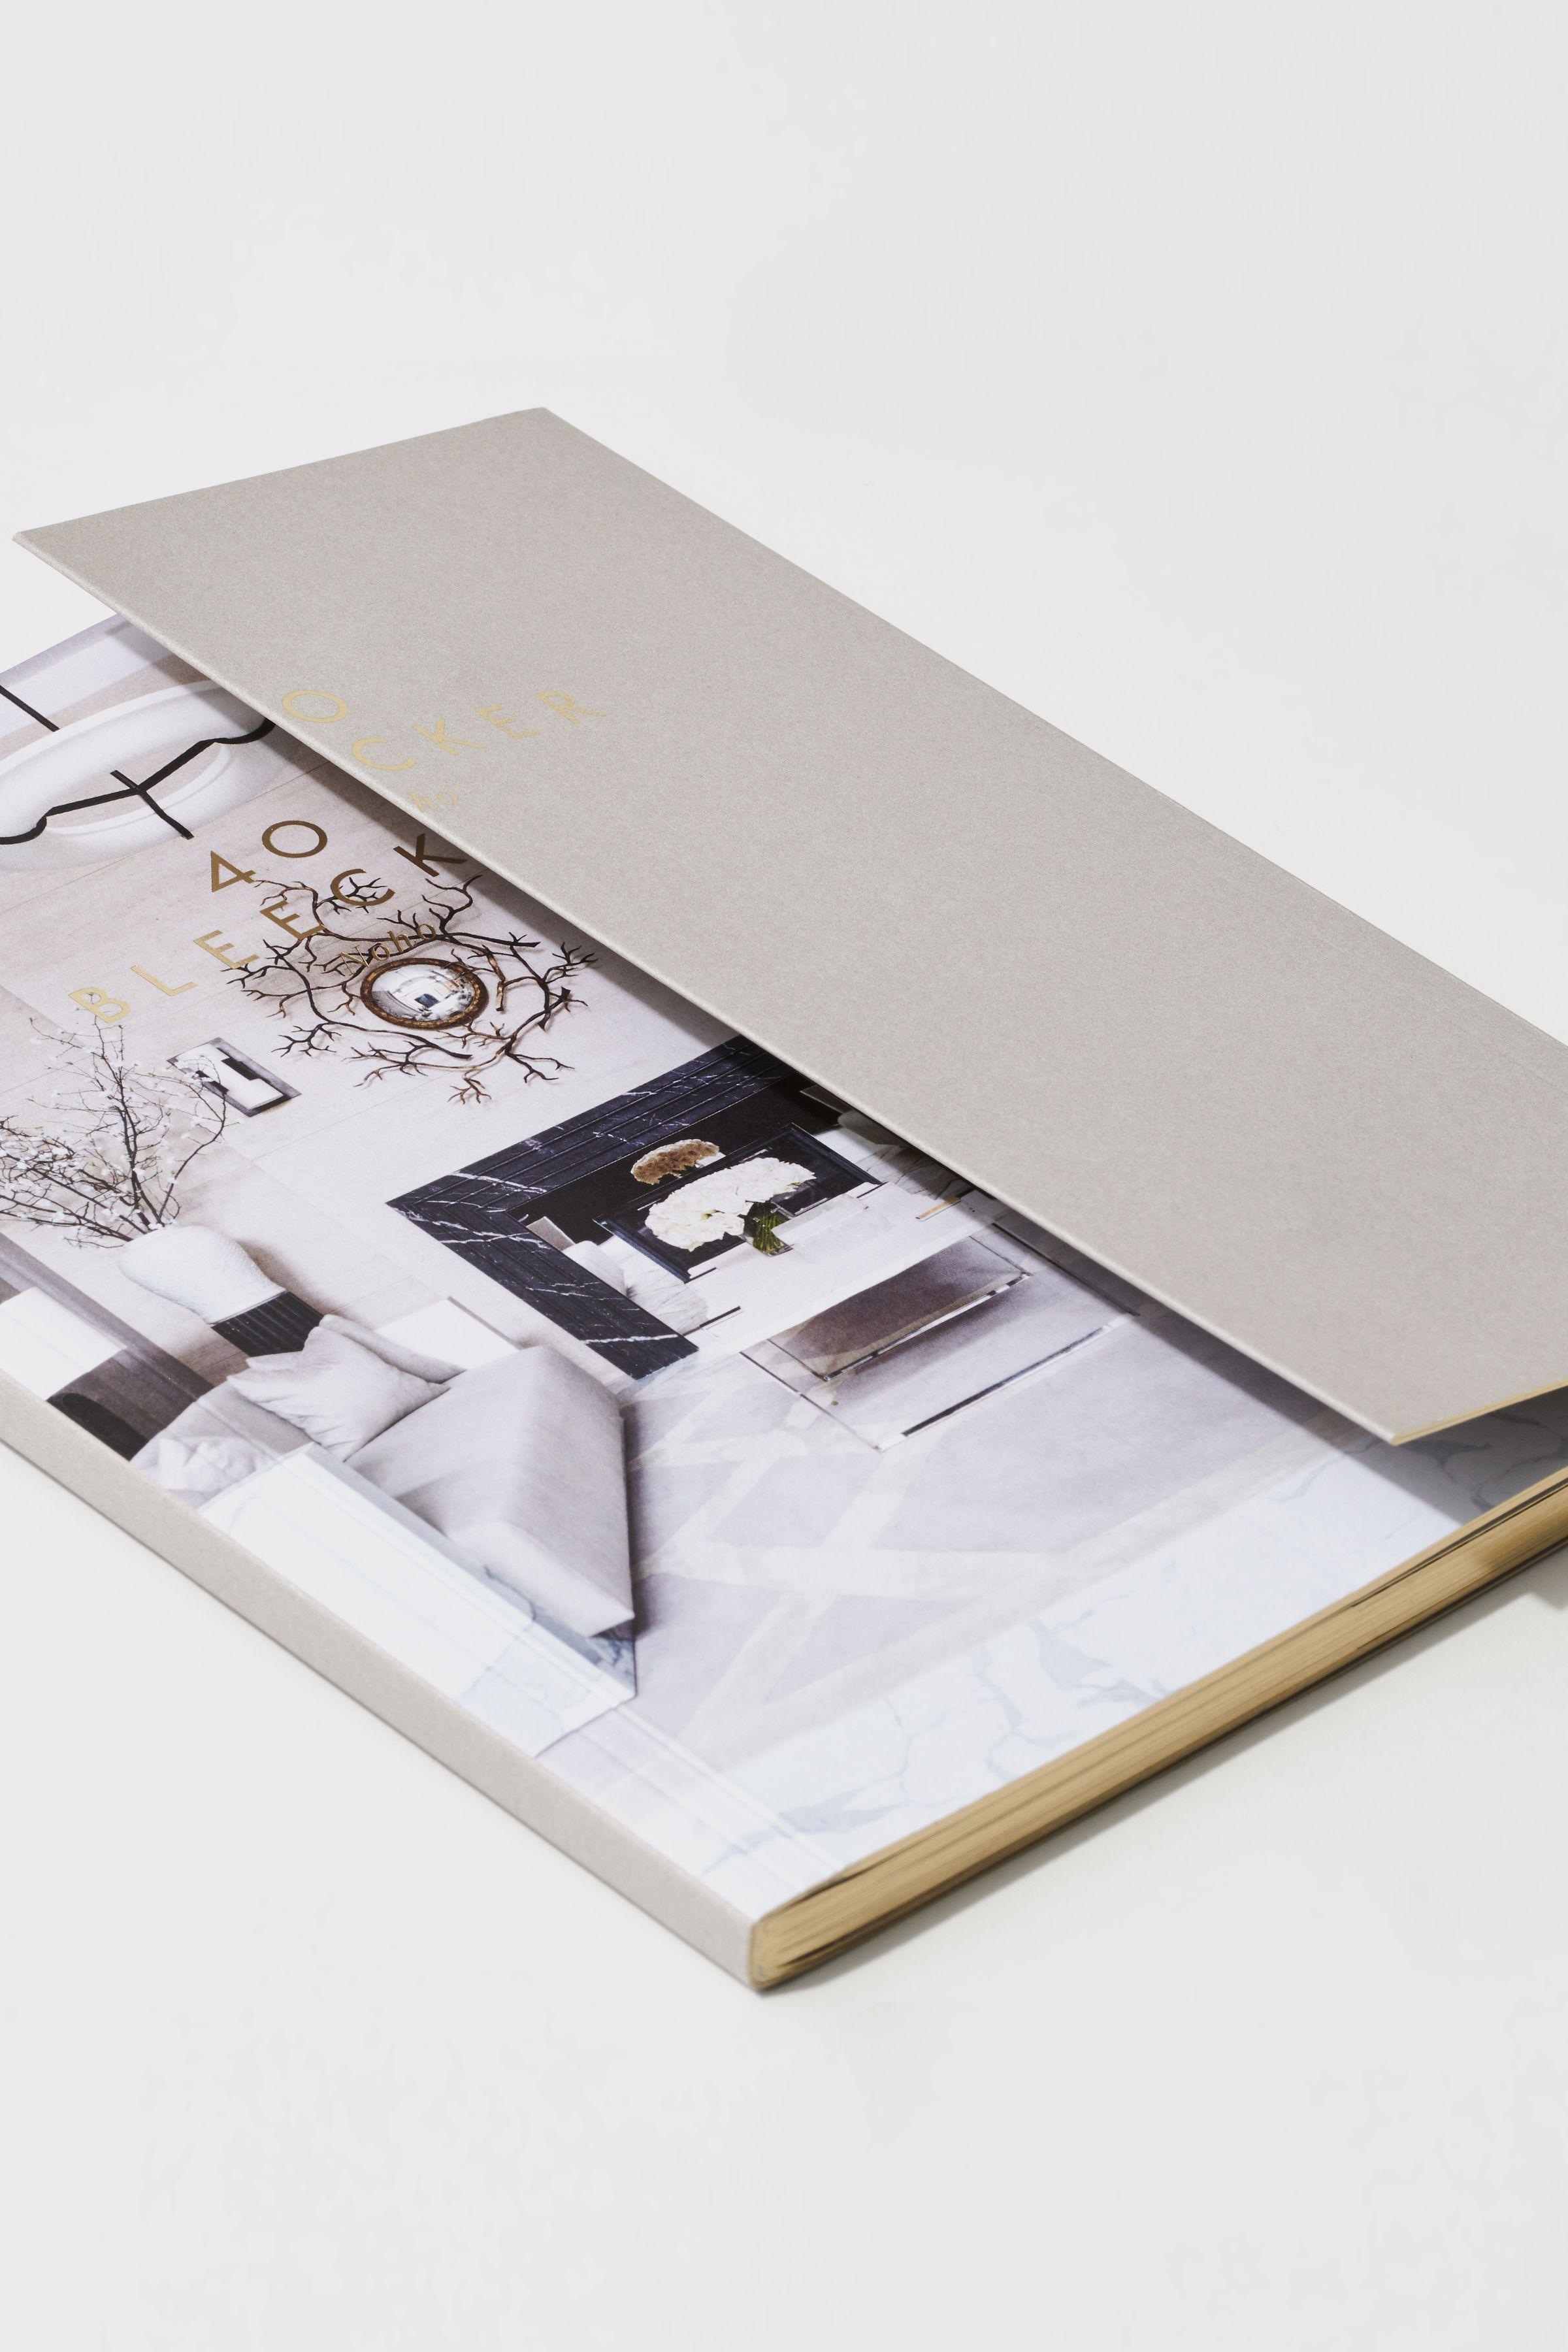 40 Bleecker marketing book design